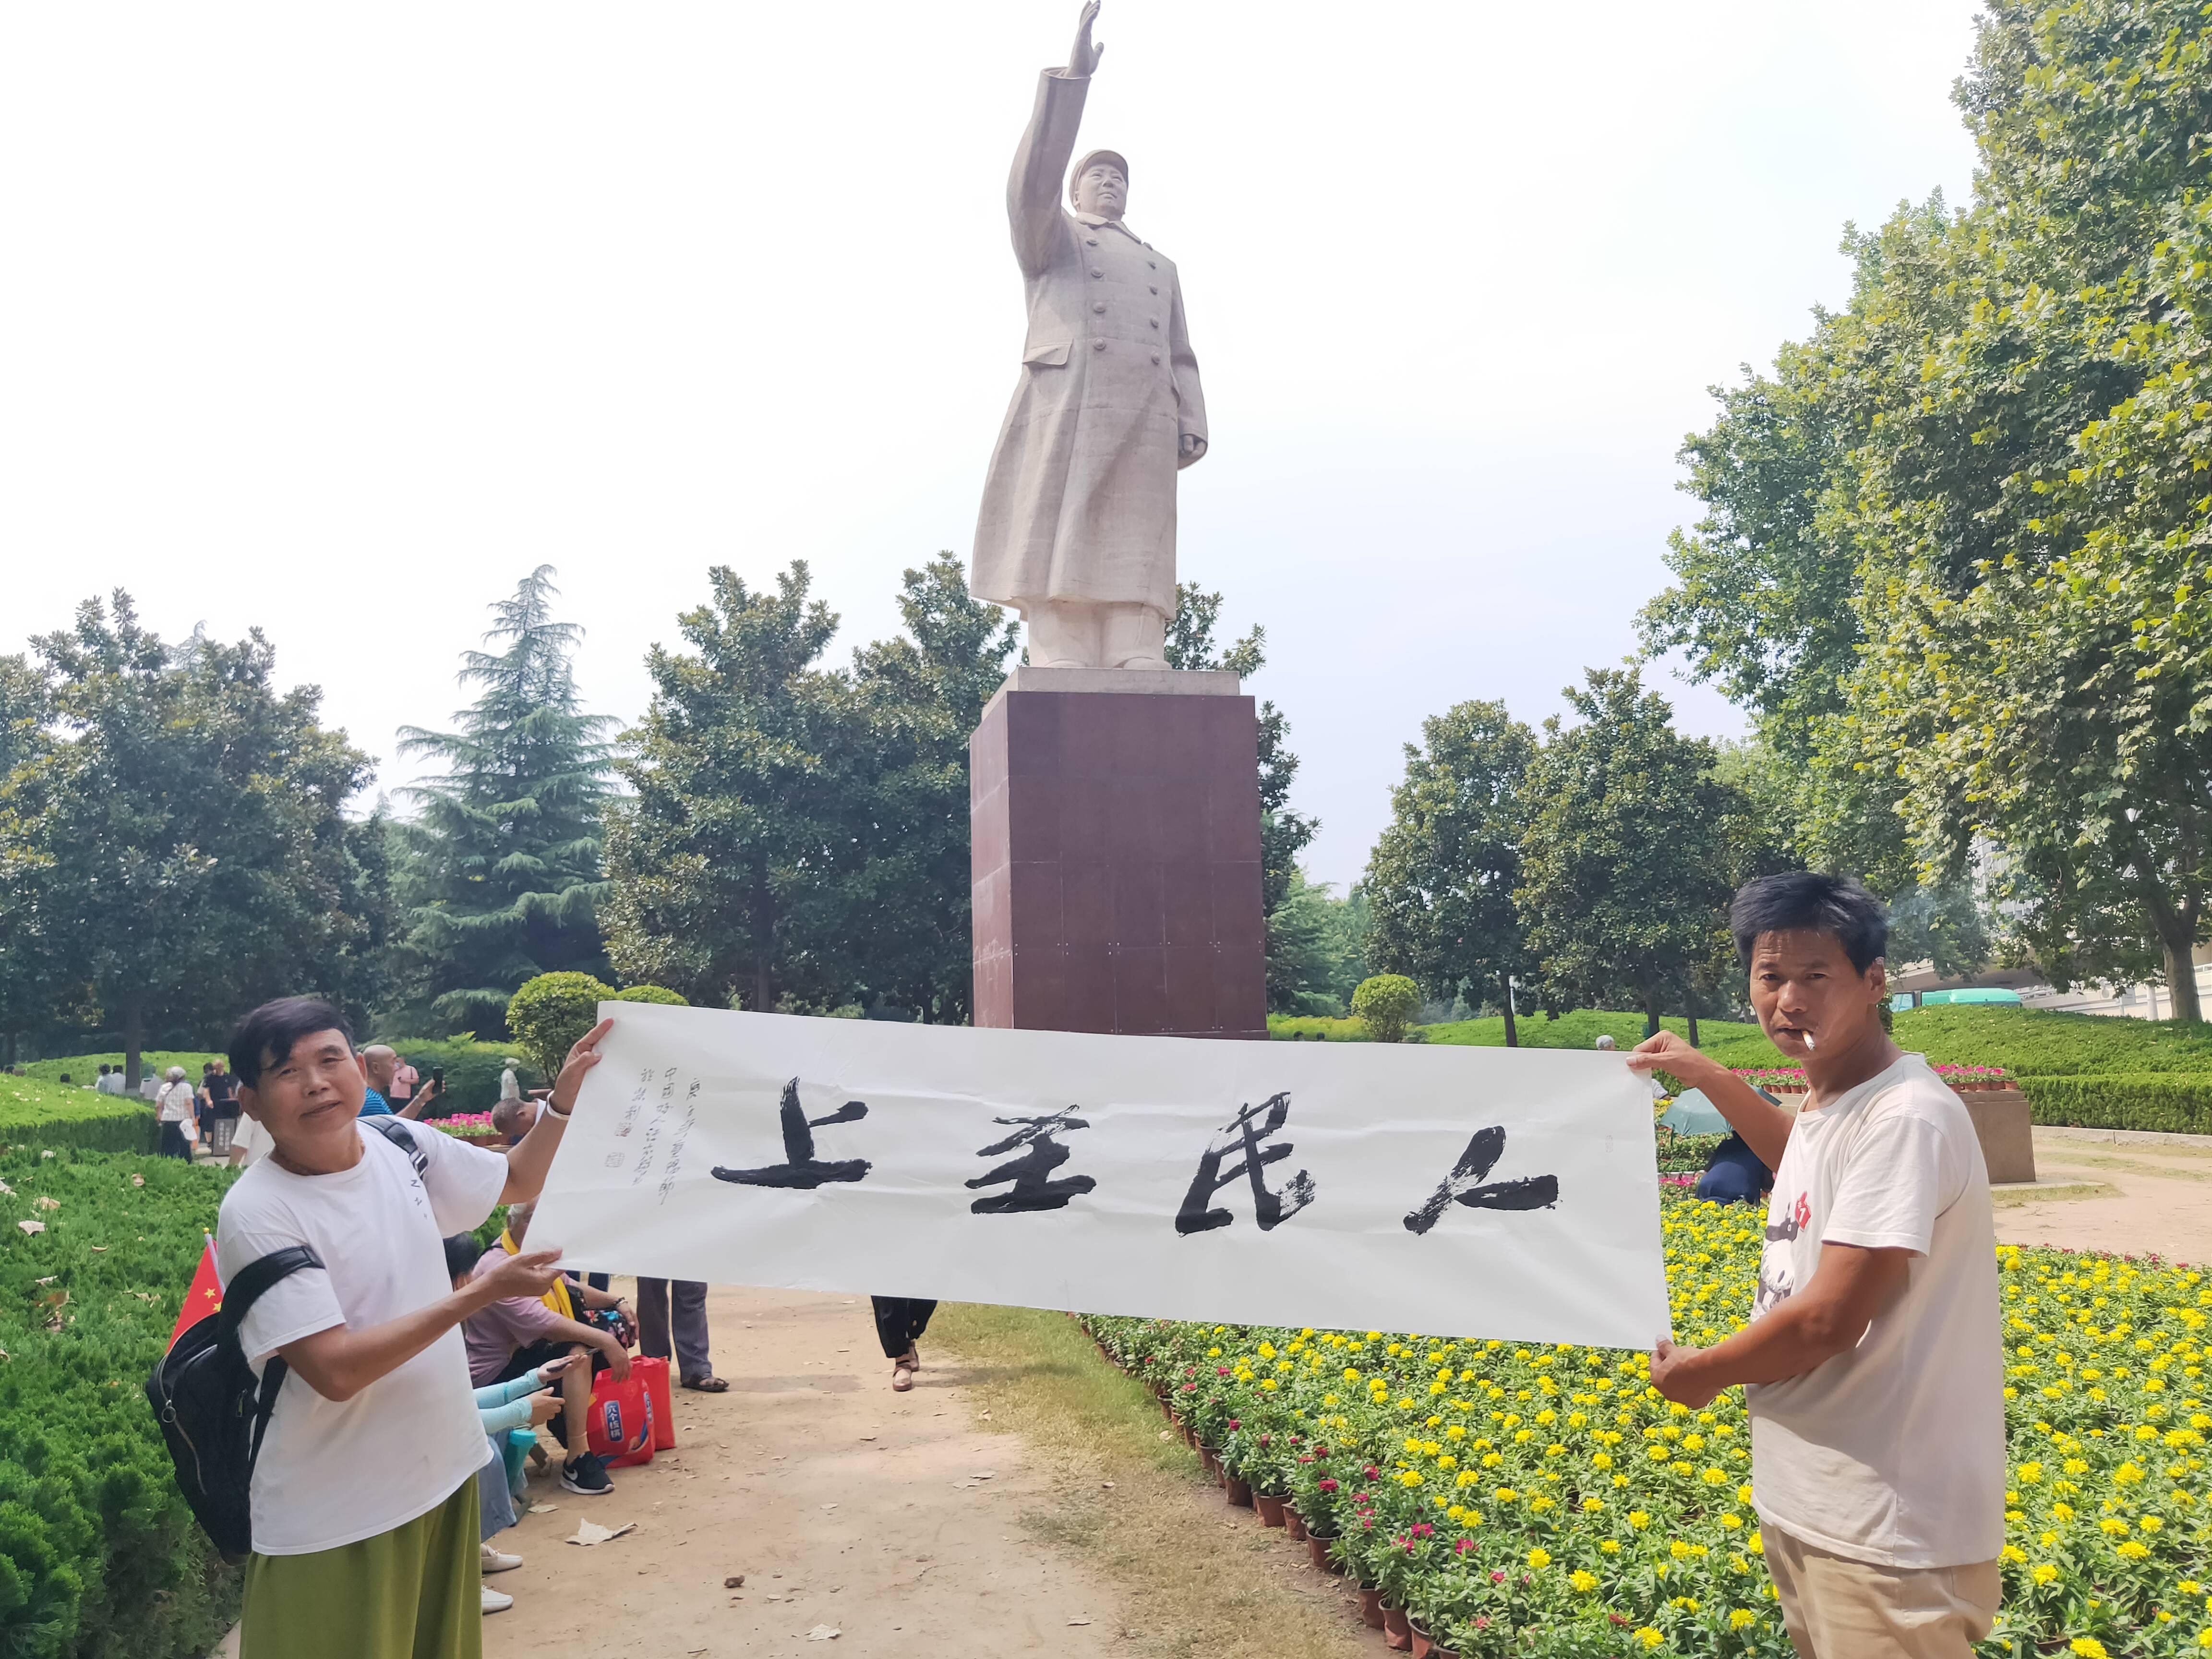 中国好人书法家汪太银紫荆山广场免费赠书籍